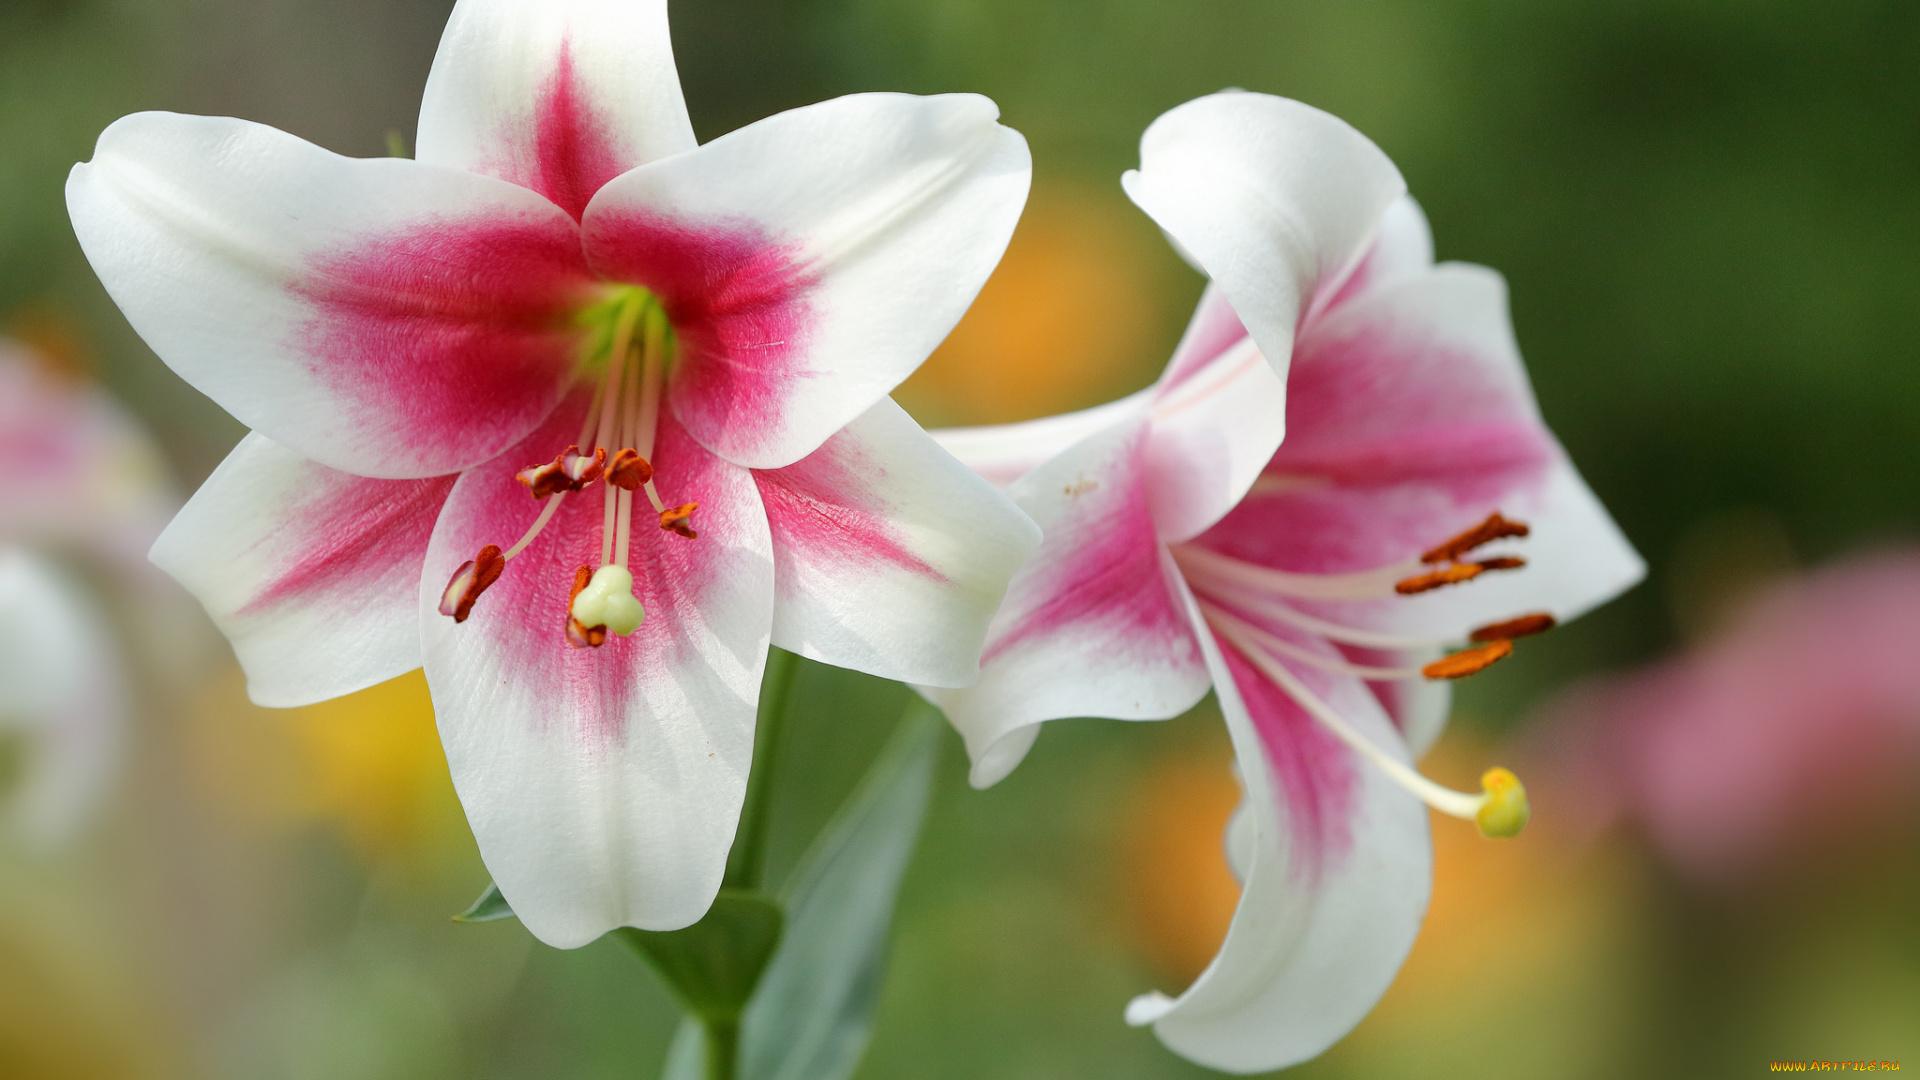 Фото бутон и цветок лилии